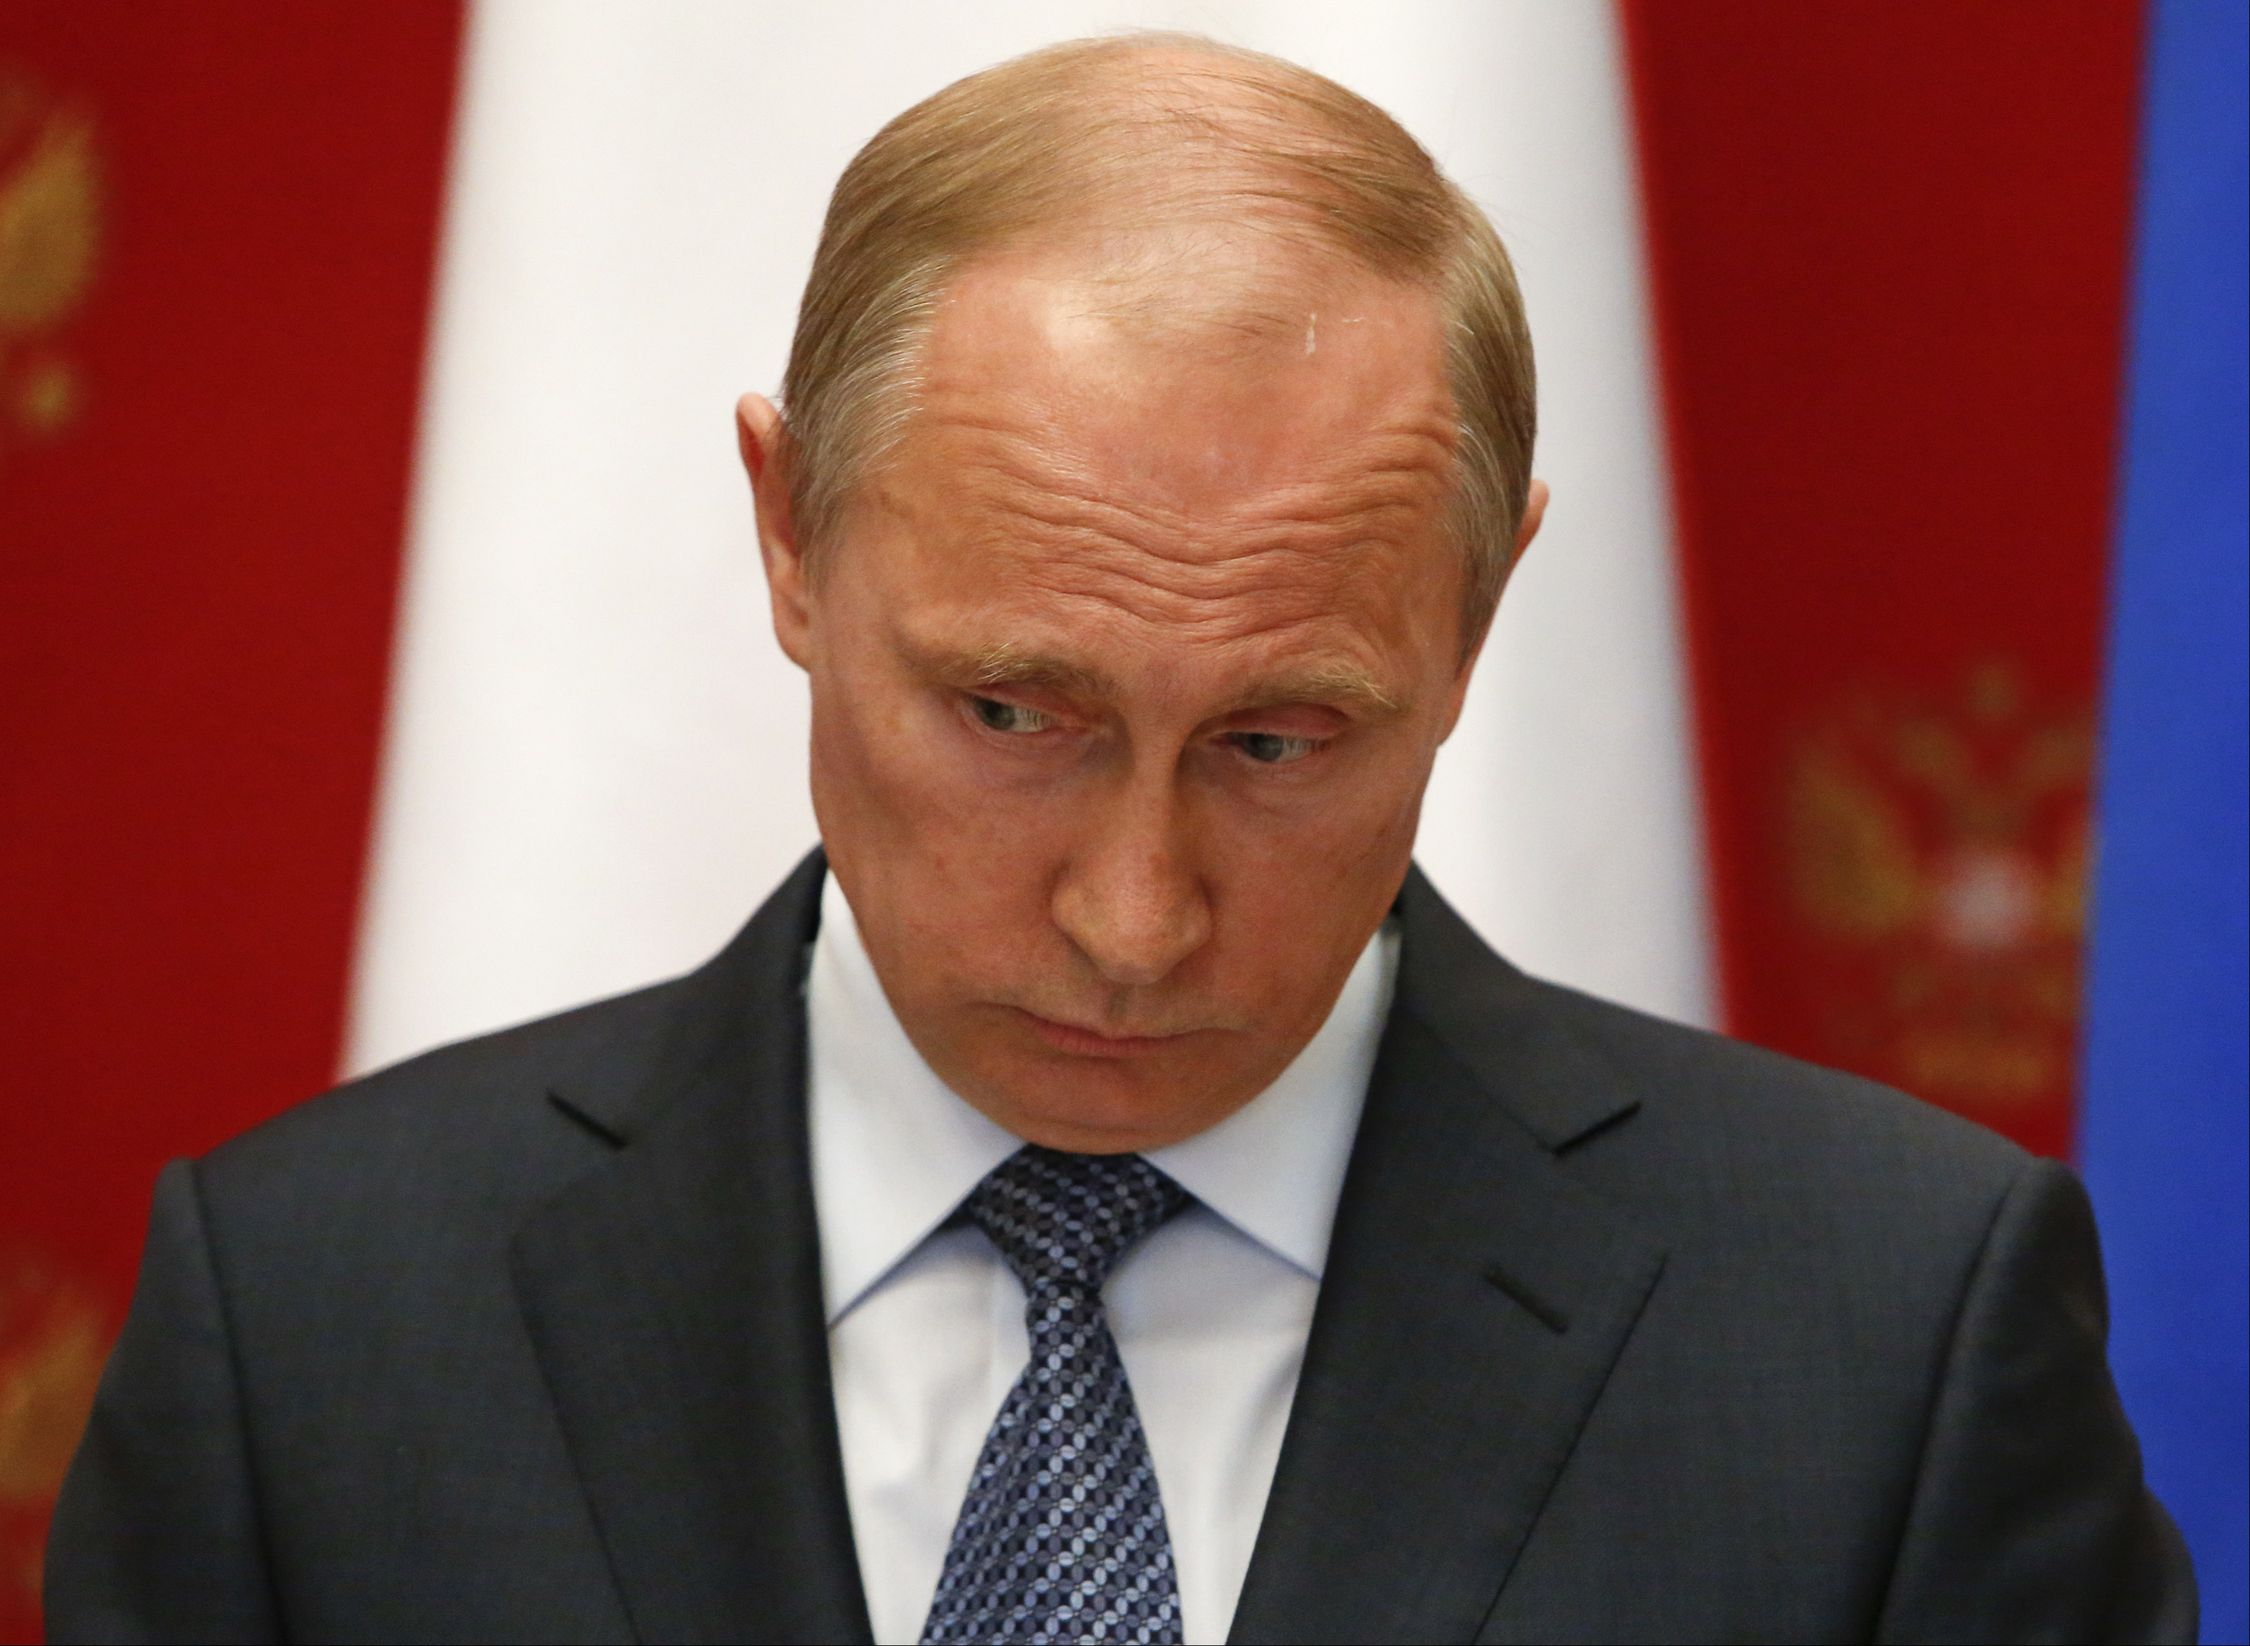 Крутое пике: в рейтинге самых влиятельных людей мира Владимир Путин опустился с первого на 29-е место